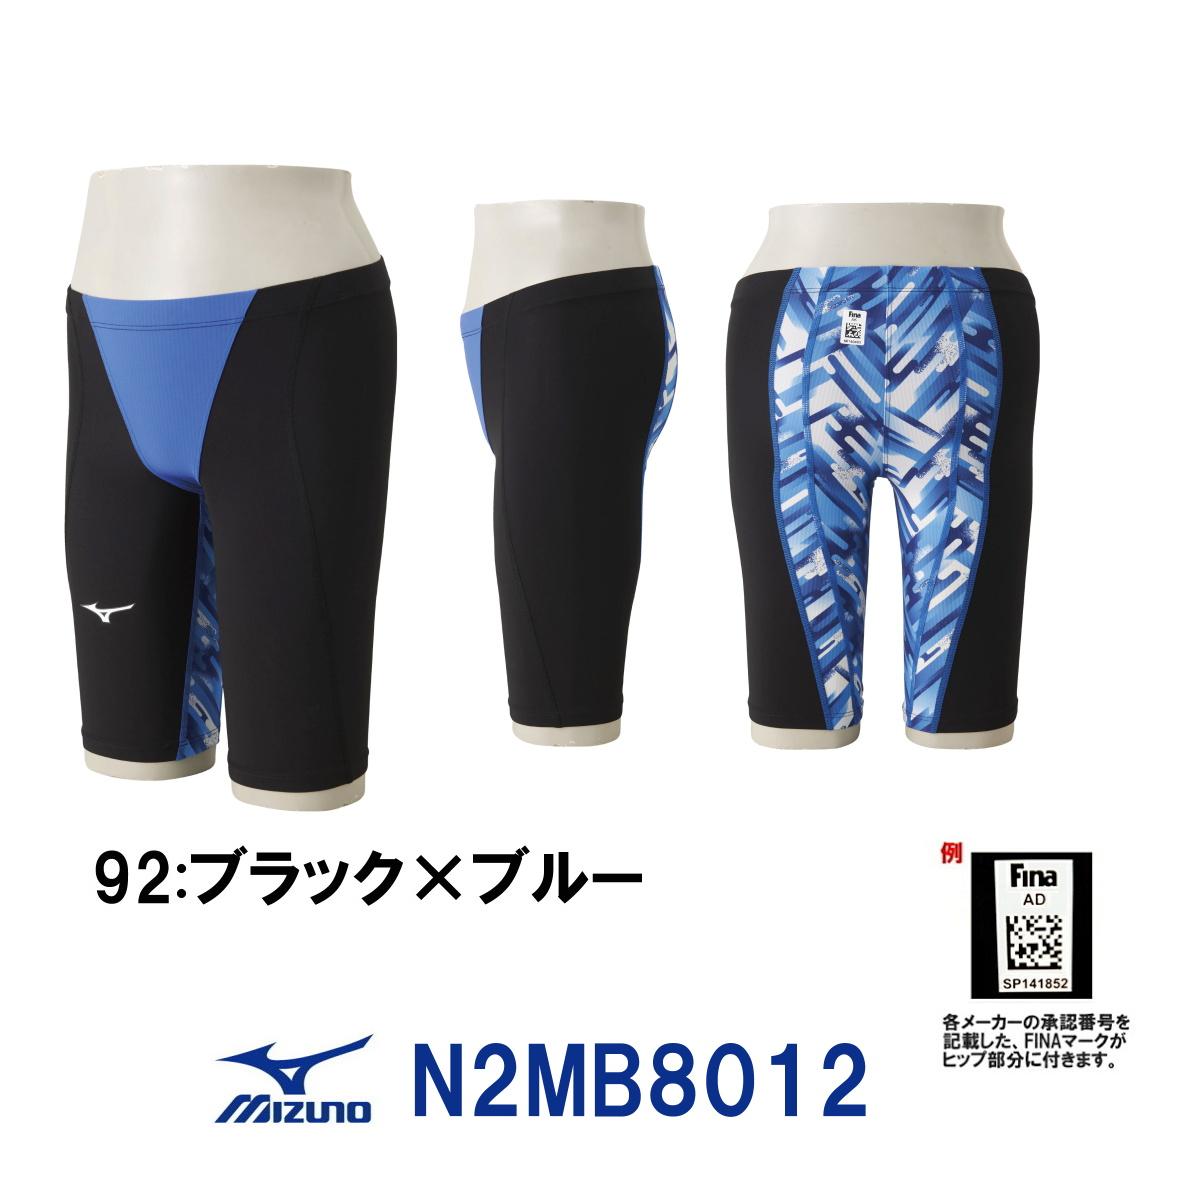 ミズノ MIZUNO 競泳水着 メンズ fina承認モデル ハーフスパッツ MX・SONIC02 SONIC LIGHT-RIBTEX 大会 レース用 選手向き 競泳全種目(短・中長距離)布帛素材 高速水着入門モデル [GX SONIC3をイメージした霞×ブルー] N2MB8012